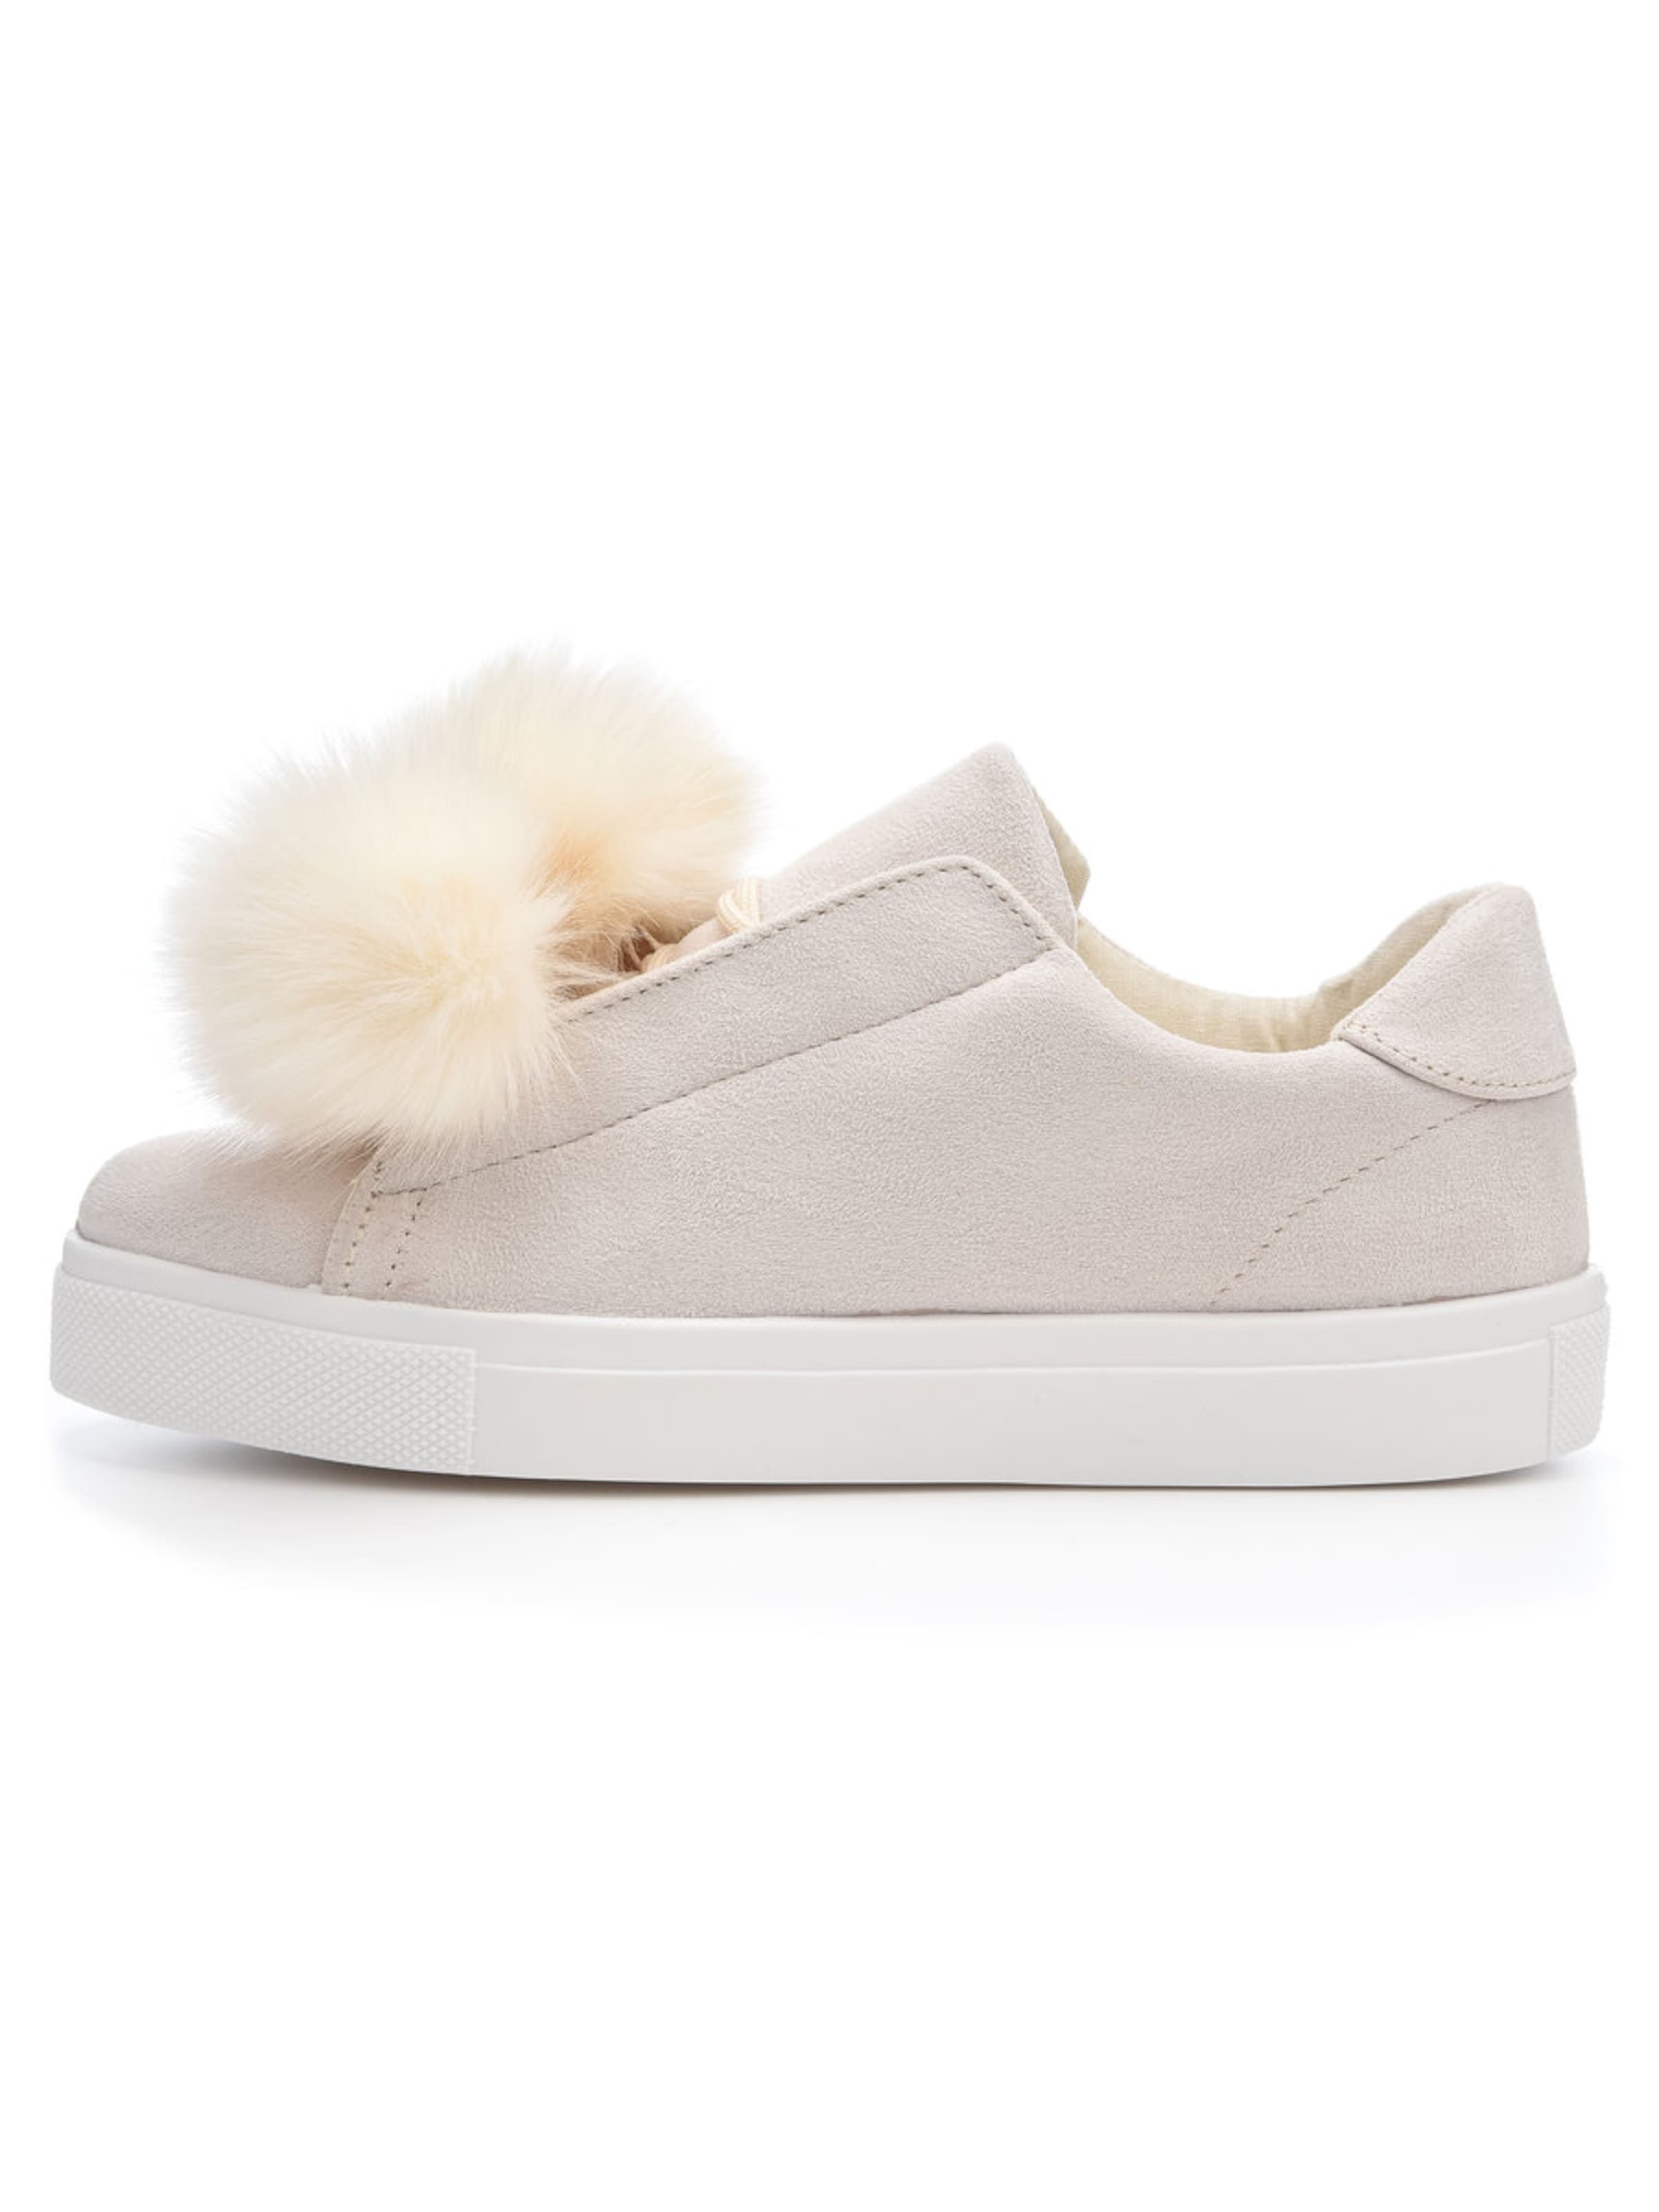 Pompon Pompon sneaker Bianco sneaker Bianco In Creme Bianco In Creme Pompon 8wvOmn0N